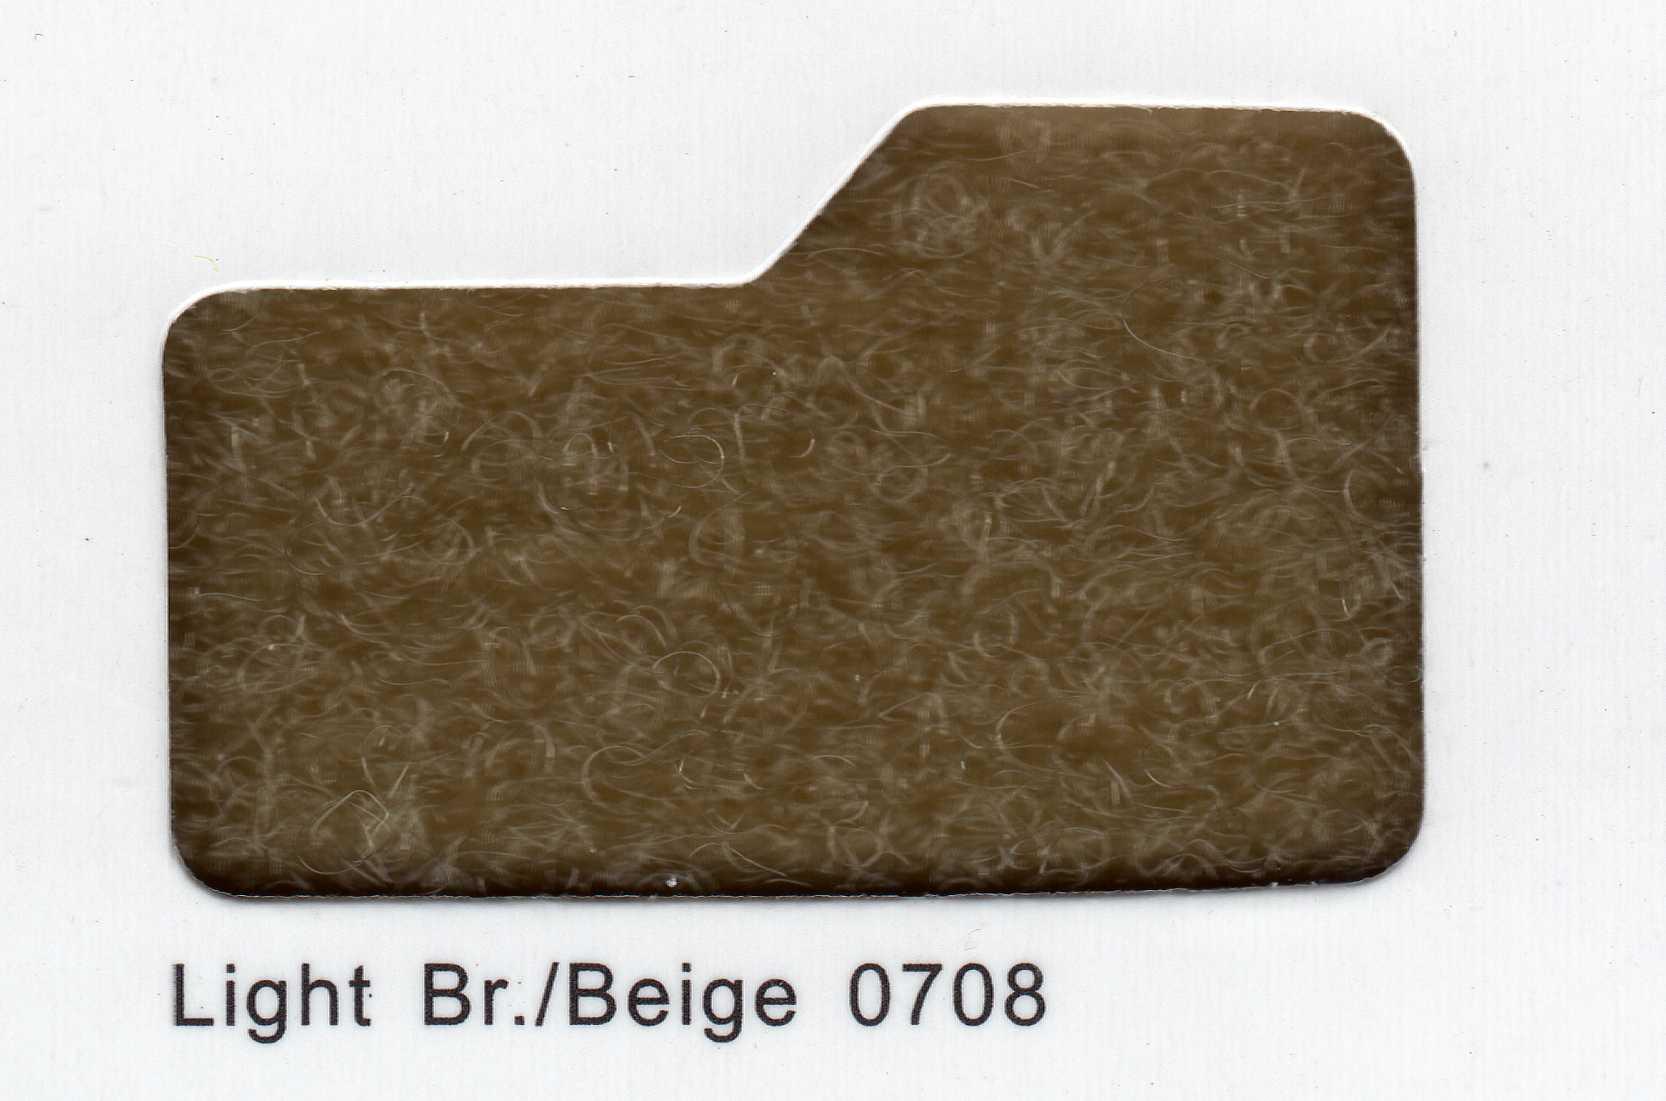 Cinta de cierre Velcro-Veraco 25mm Beige 0708 (Rizo).